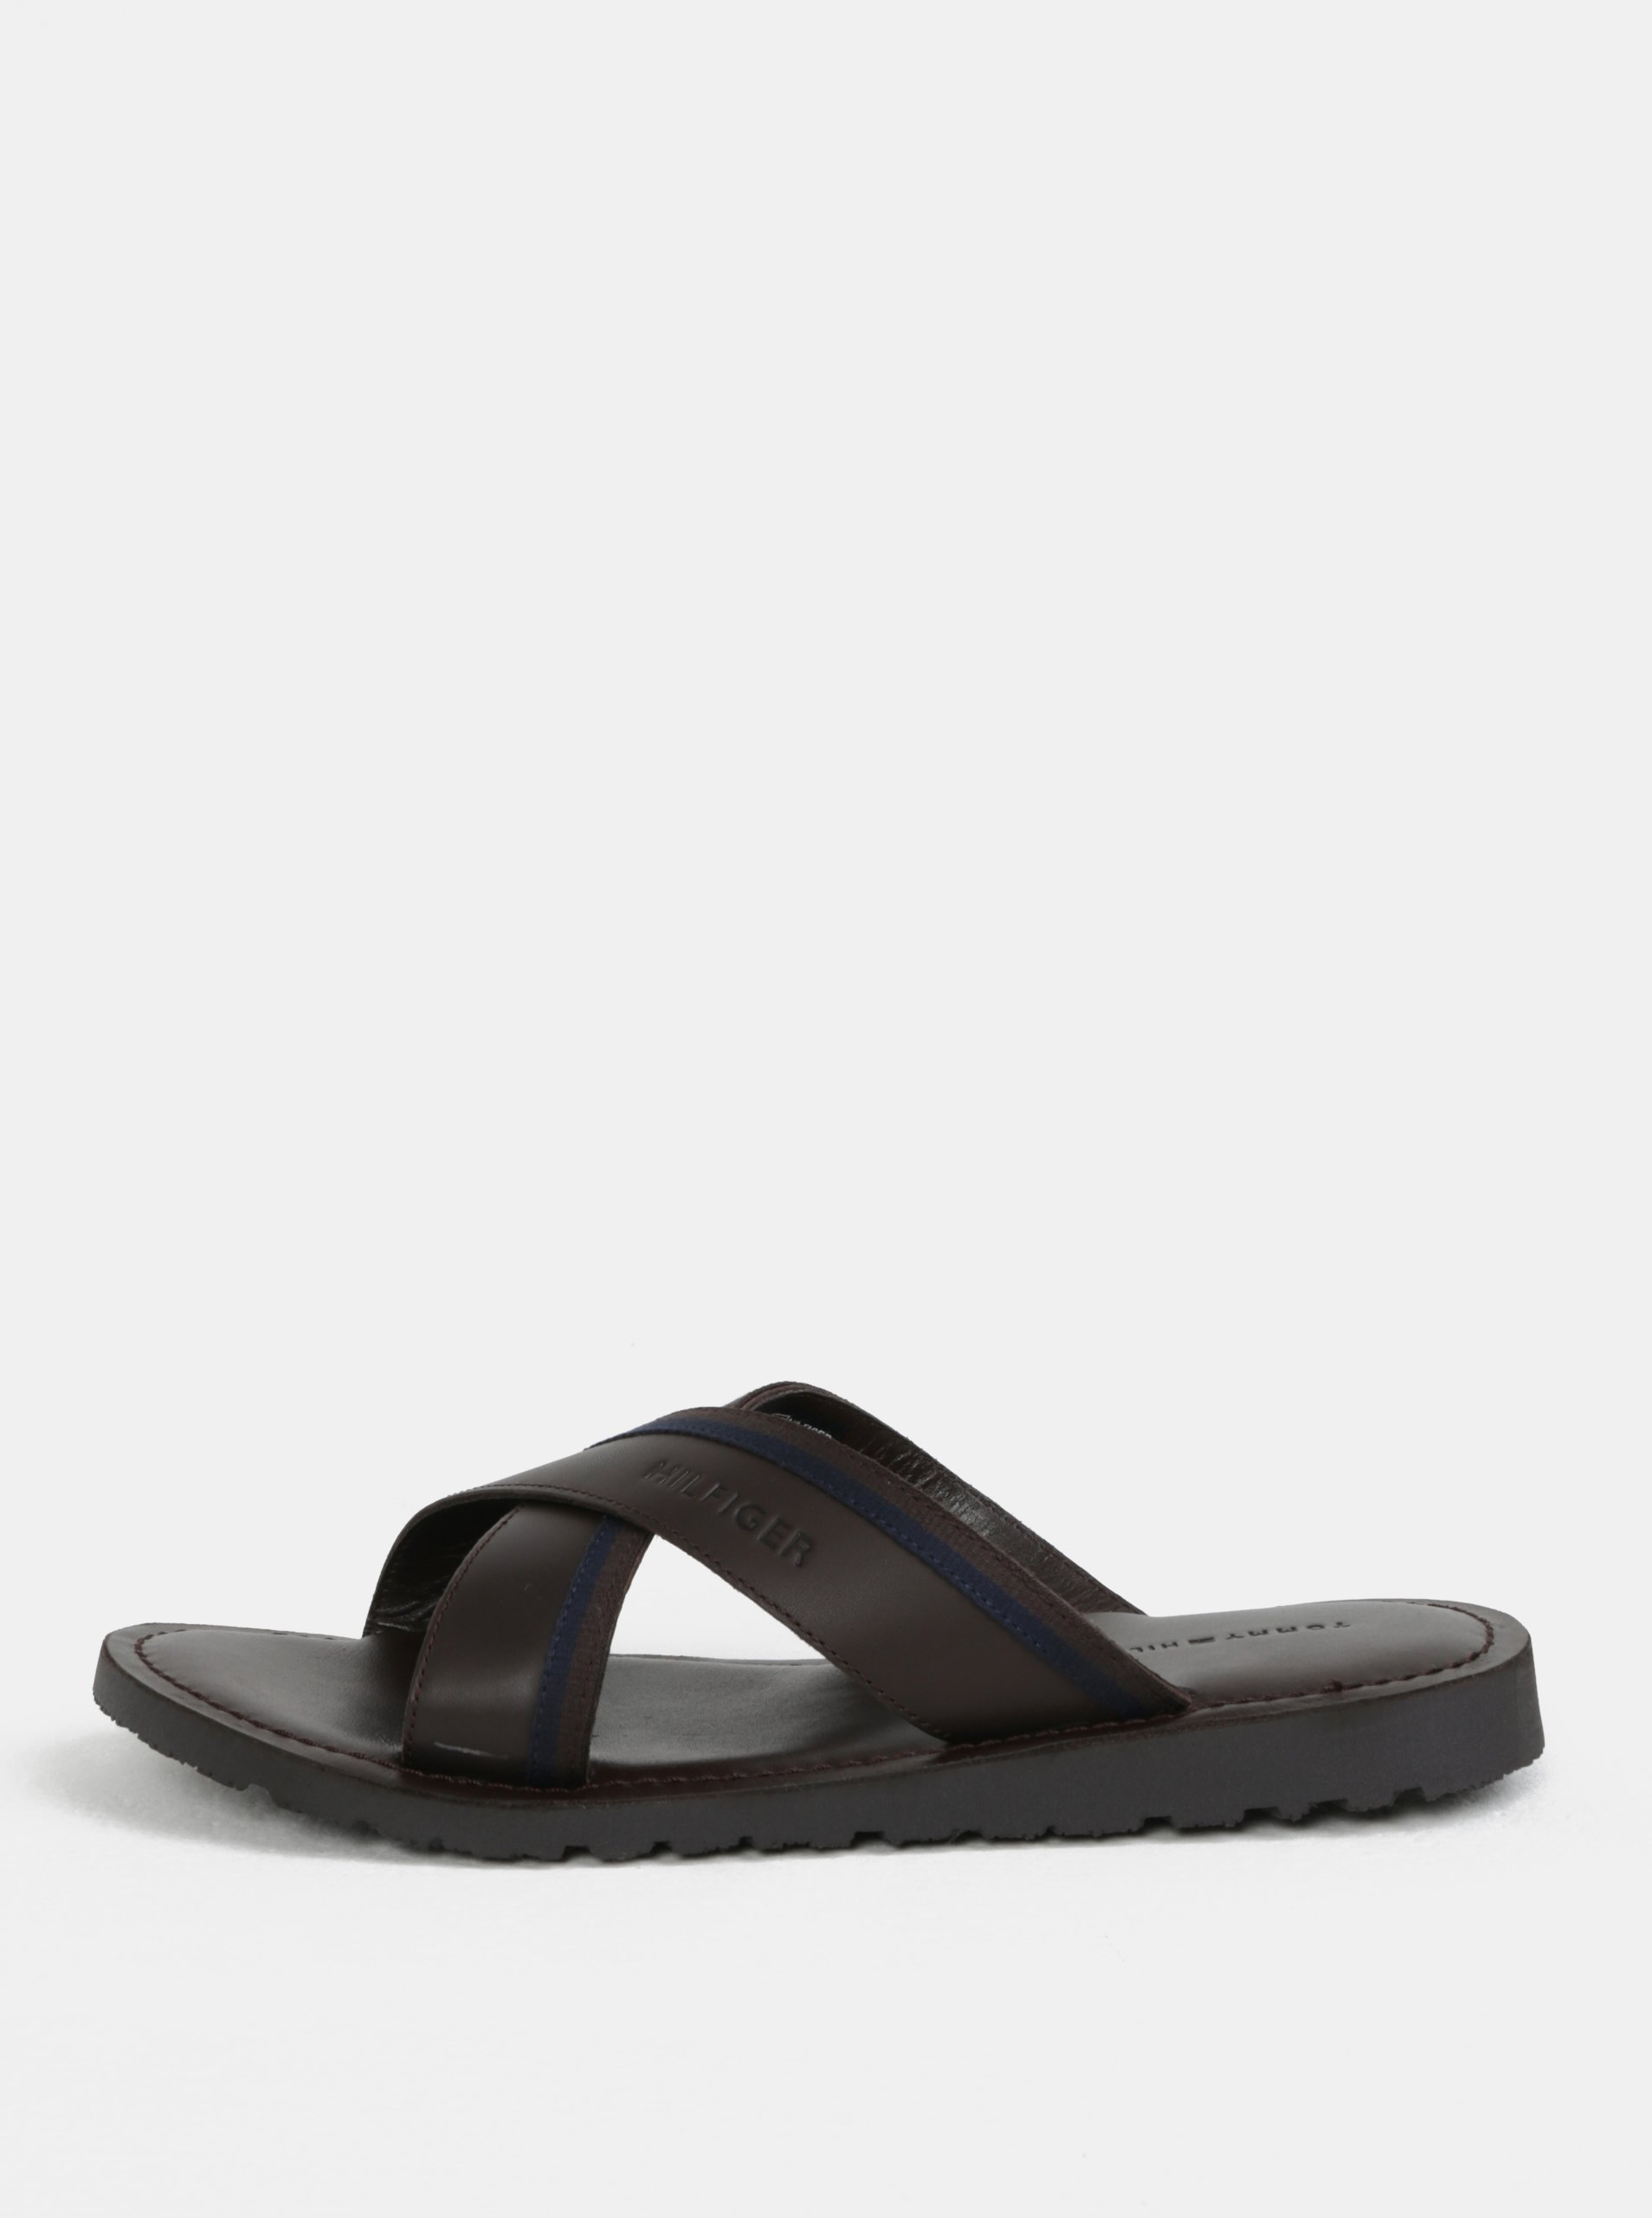 Tmavě hnědé pánské kožené pantofle Tommy Hilfiger b0902f9d7db